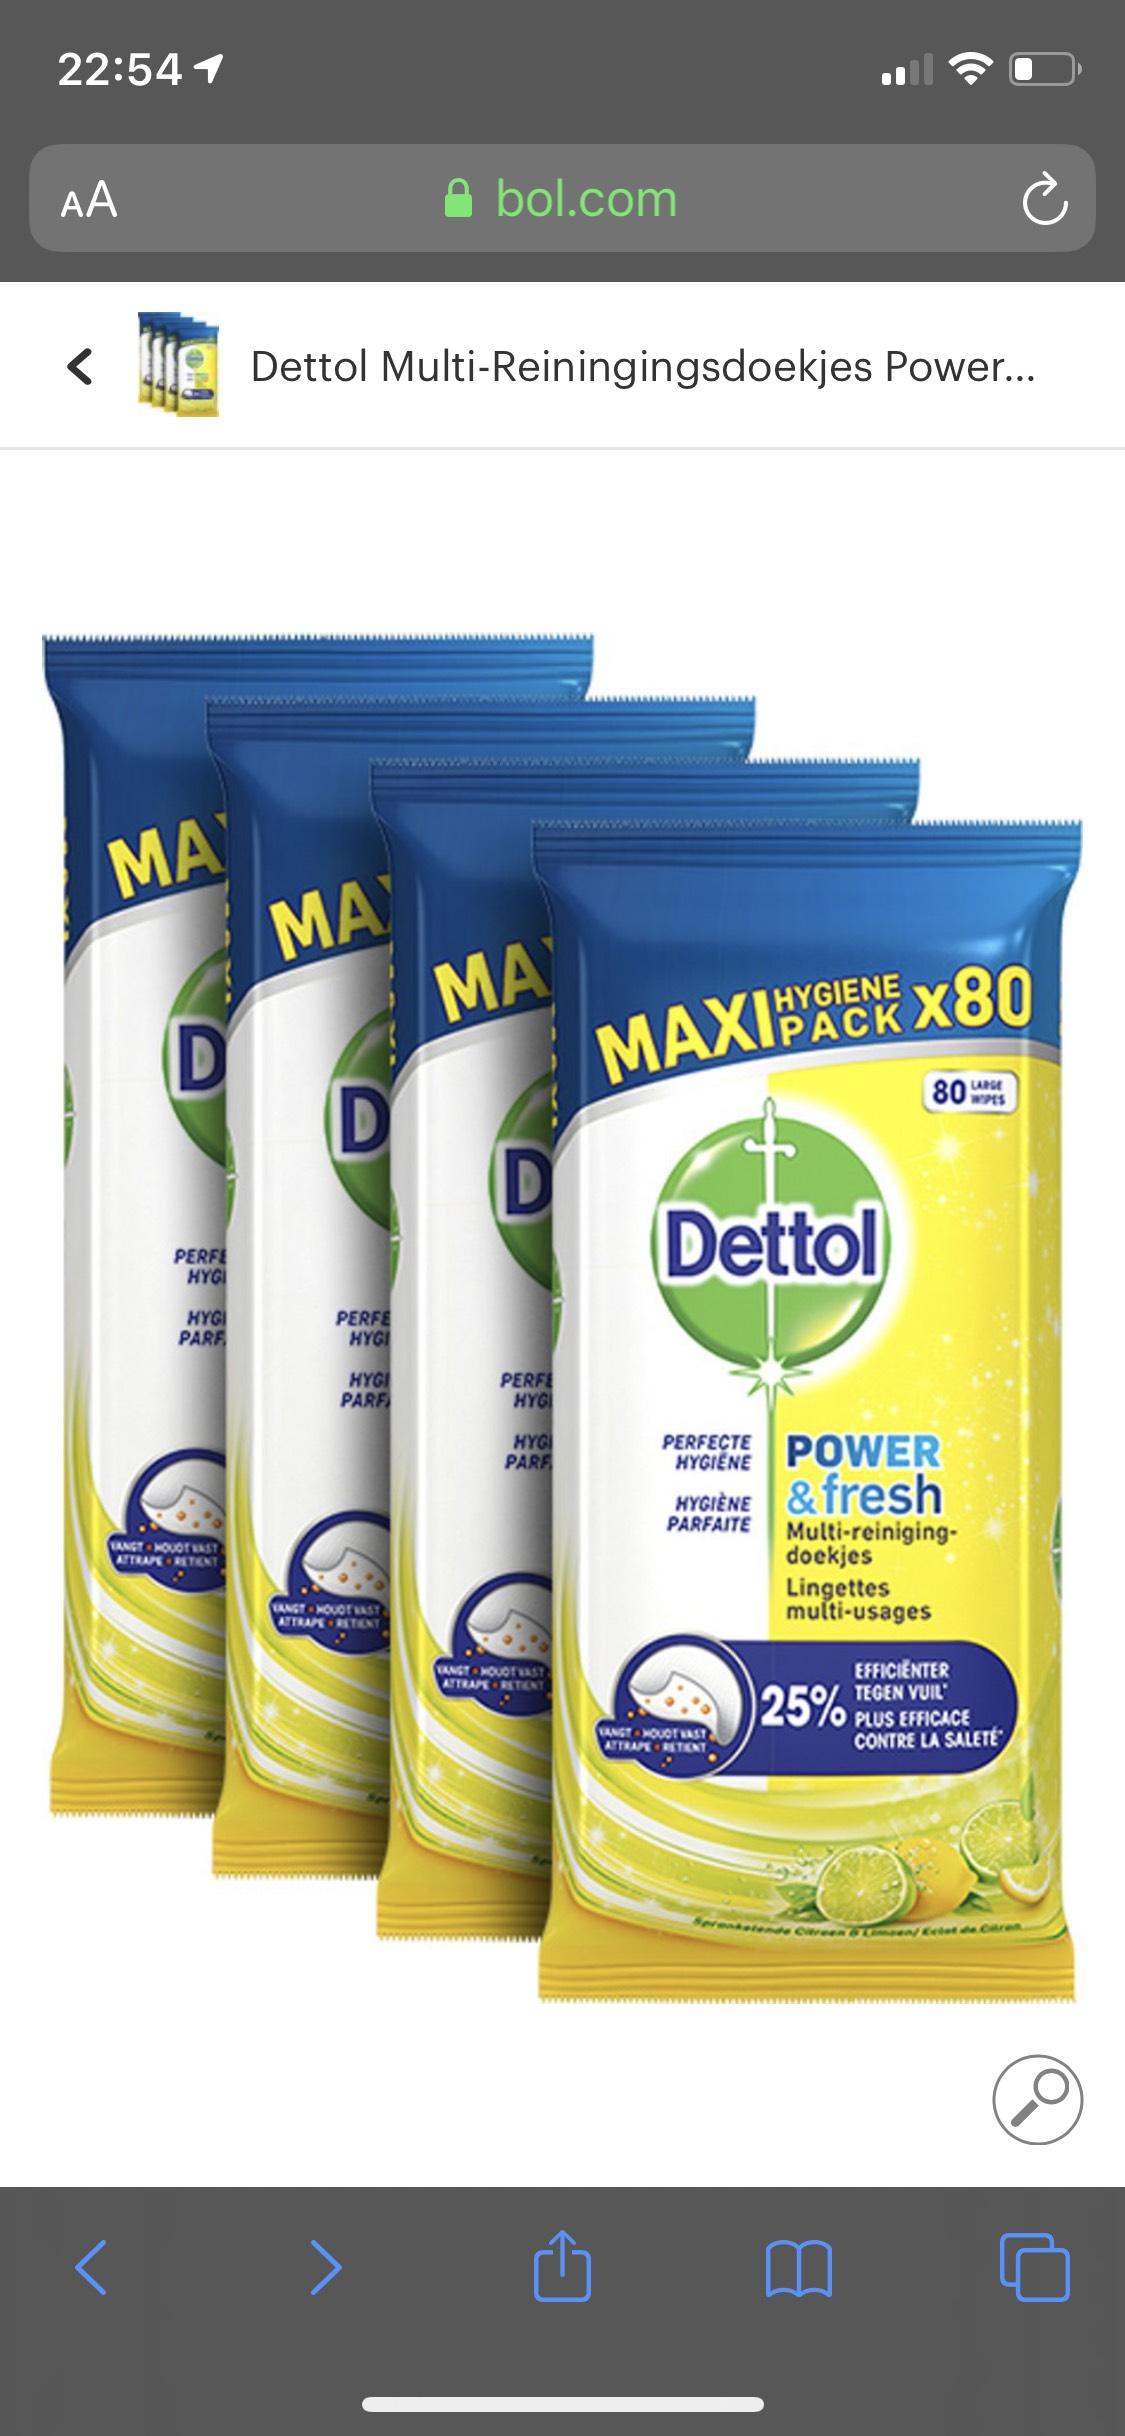 Dettol Multi-Reiningingsdoekjes Power&Fresh Citrus 4 x 80 stuks @ Bol.com